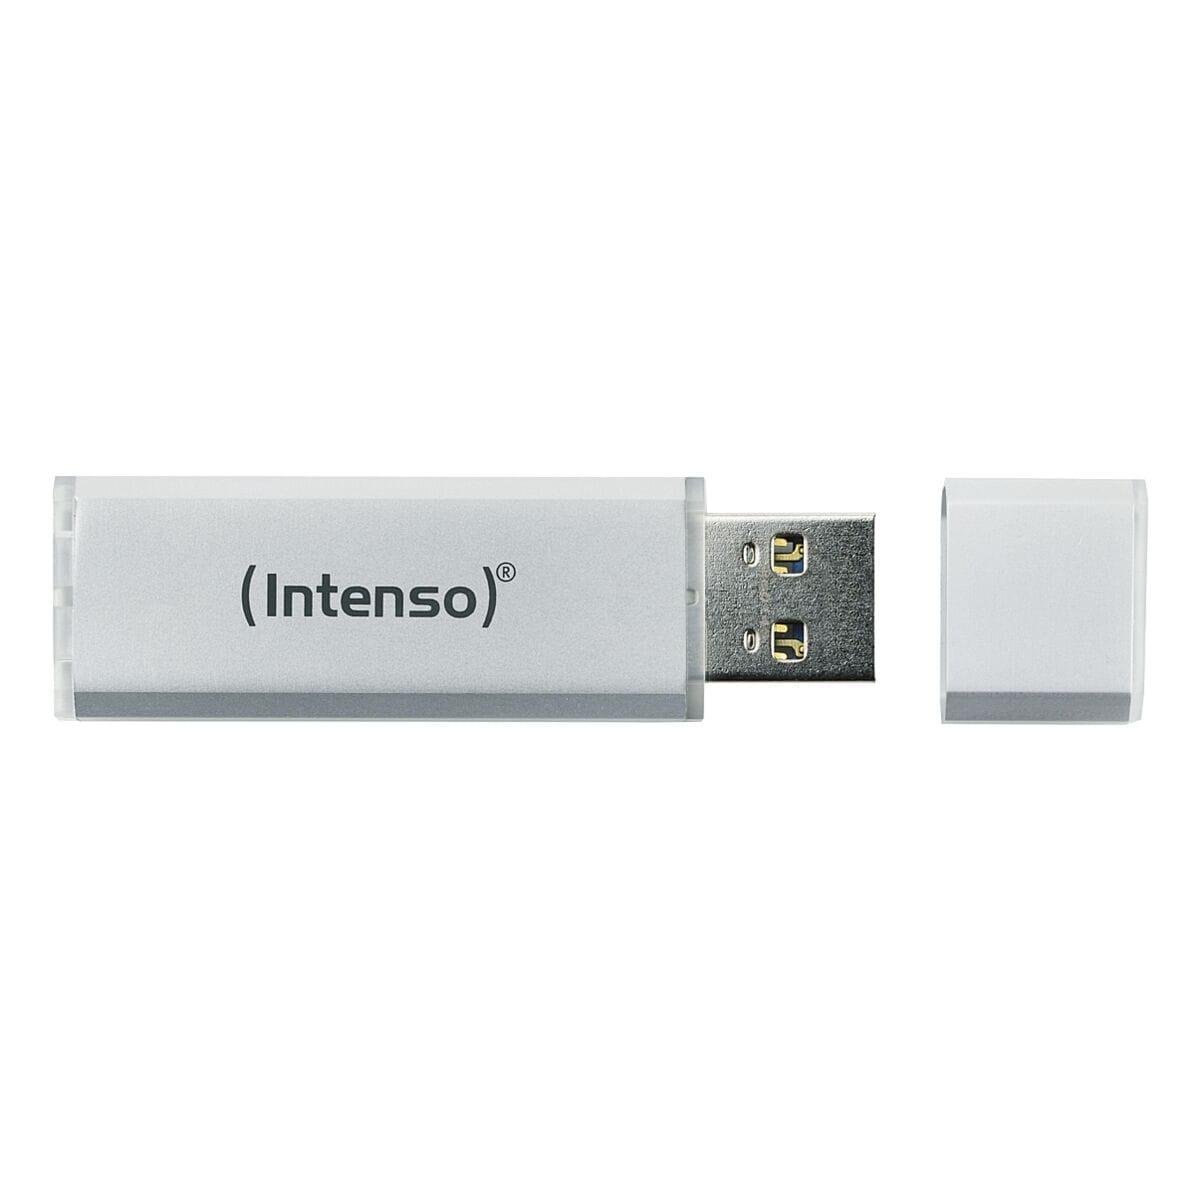 USB-Stick 64 GB Intenso UltraLine, USB 3.0